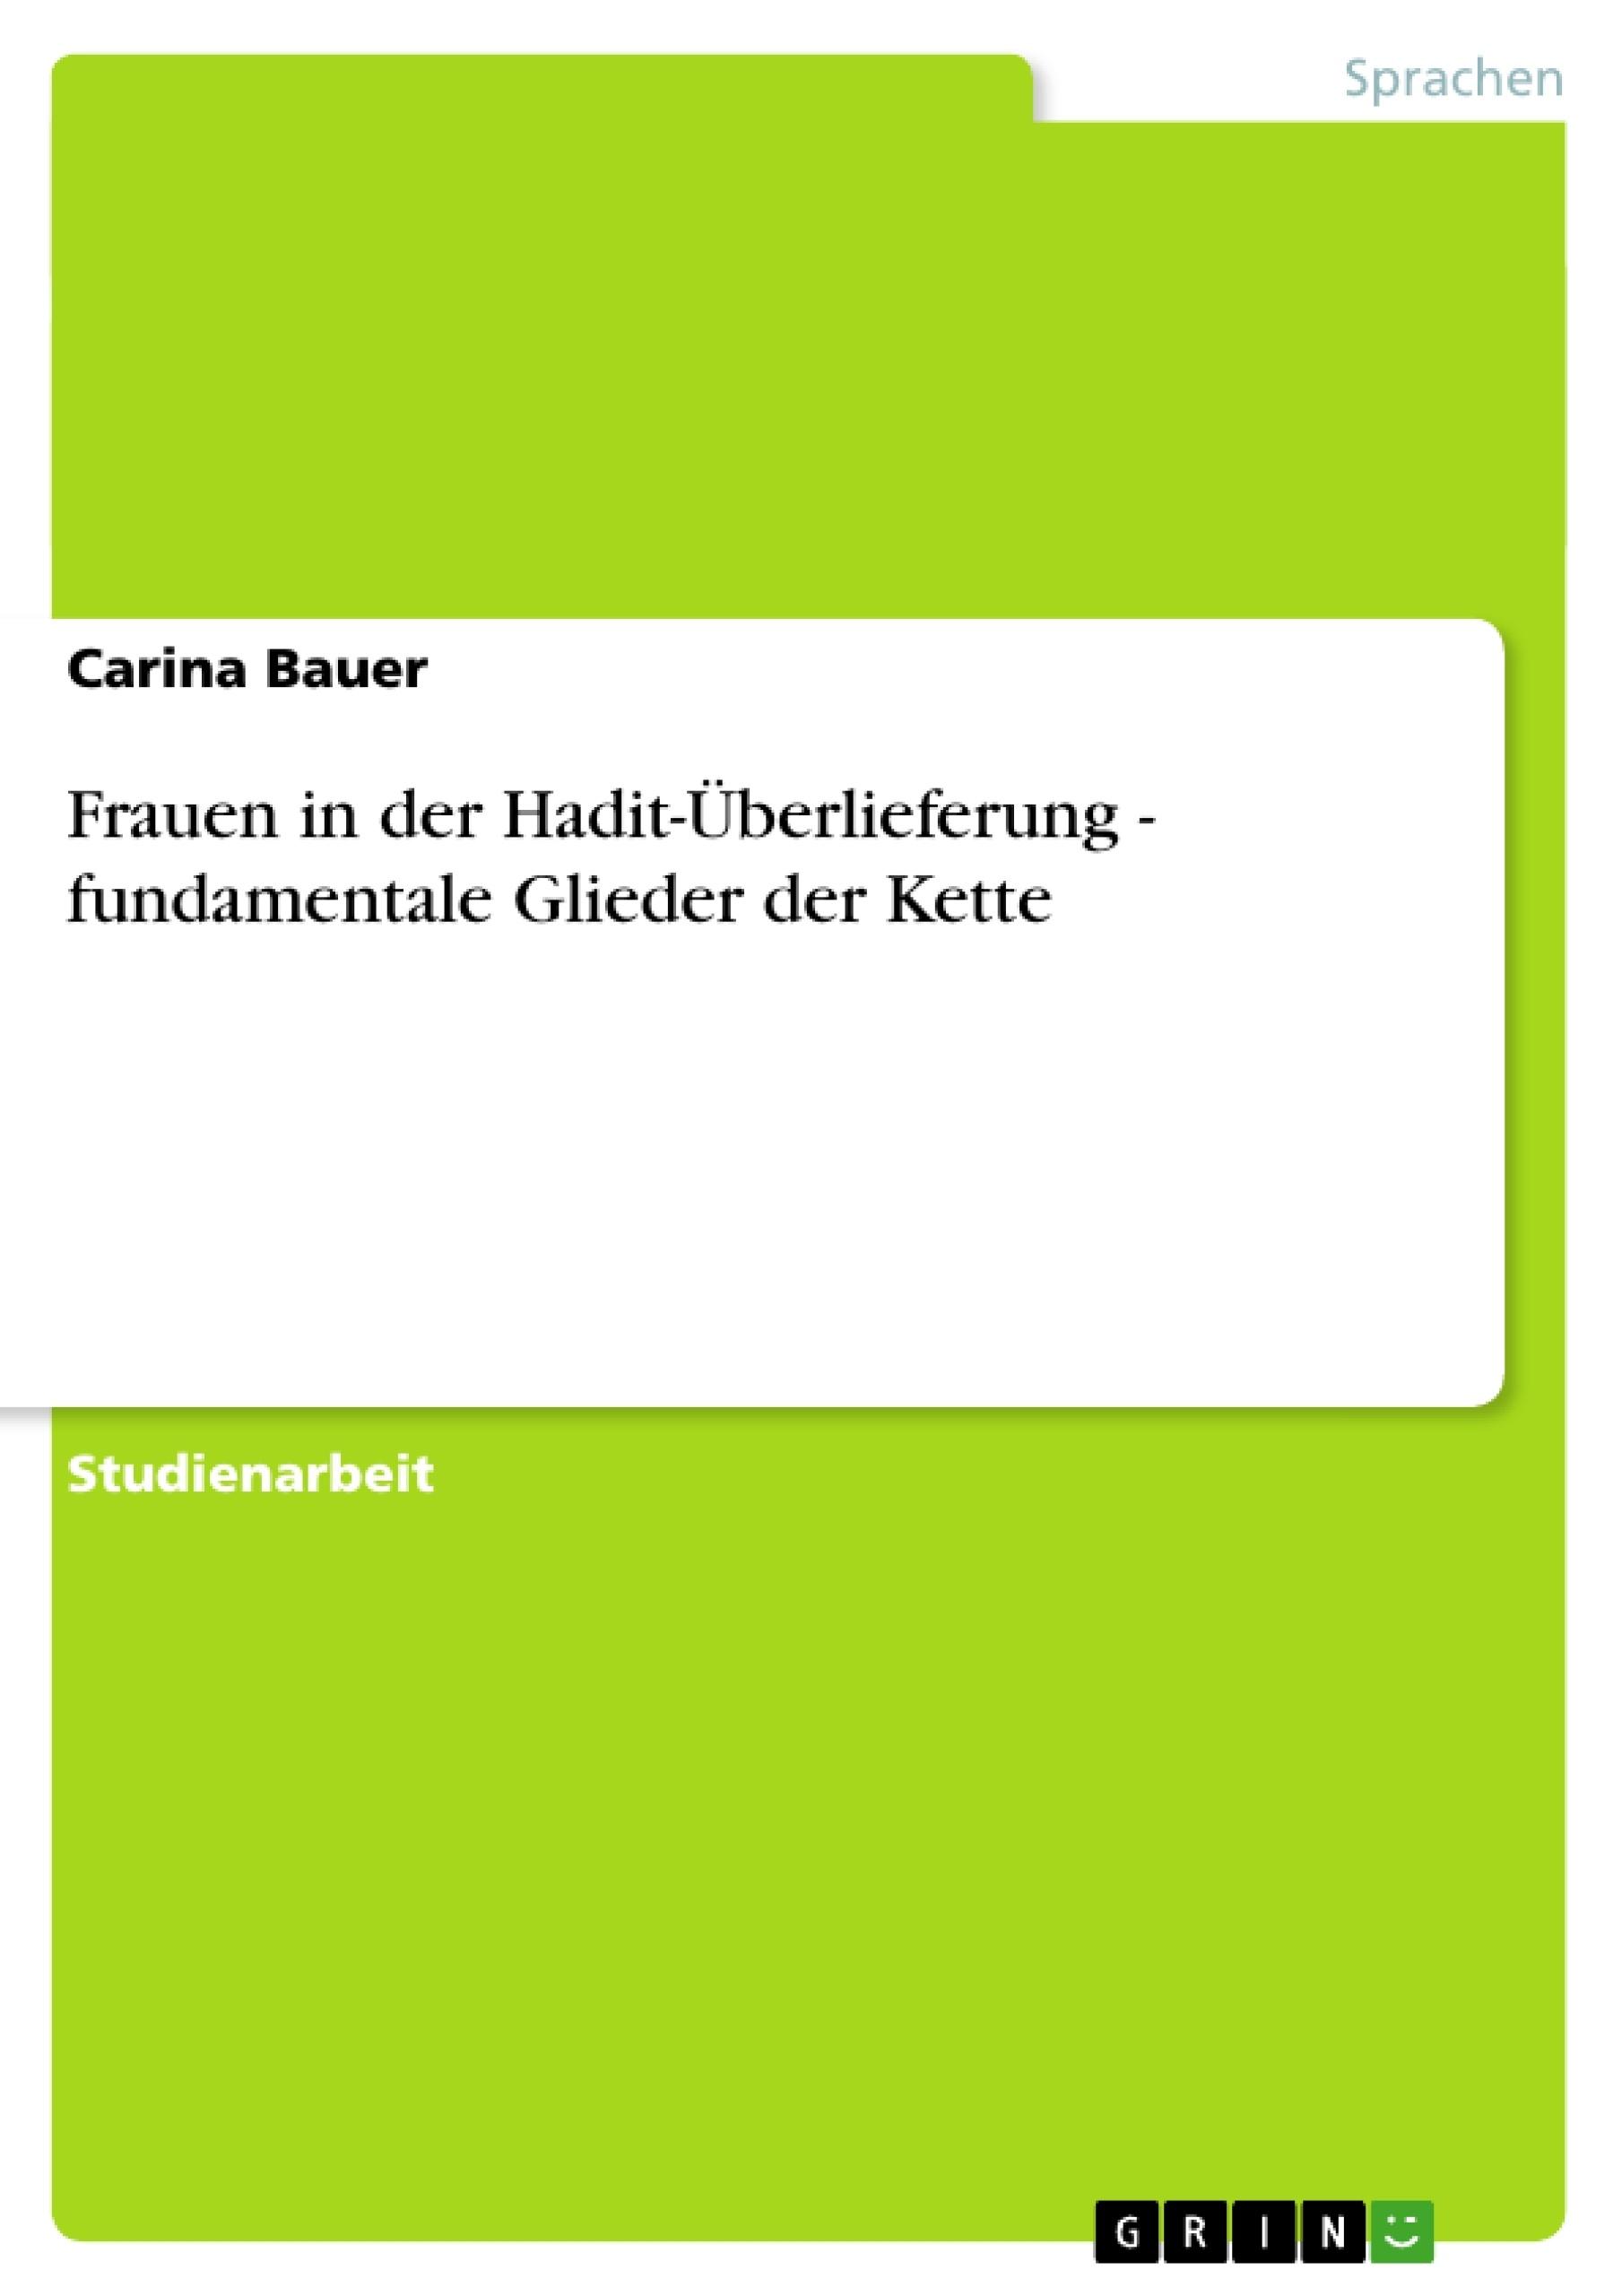 Titel: Frauen in der Hadit-Überlieferung - fundamentale Glieder der Kette